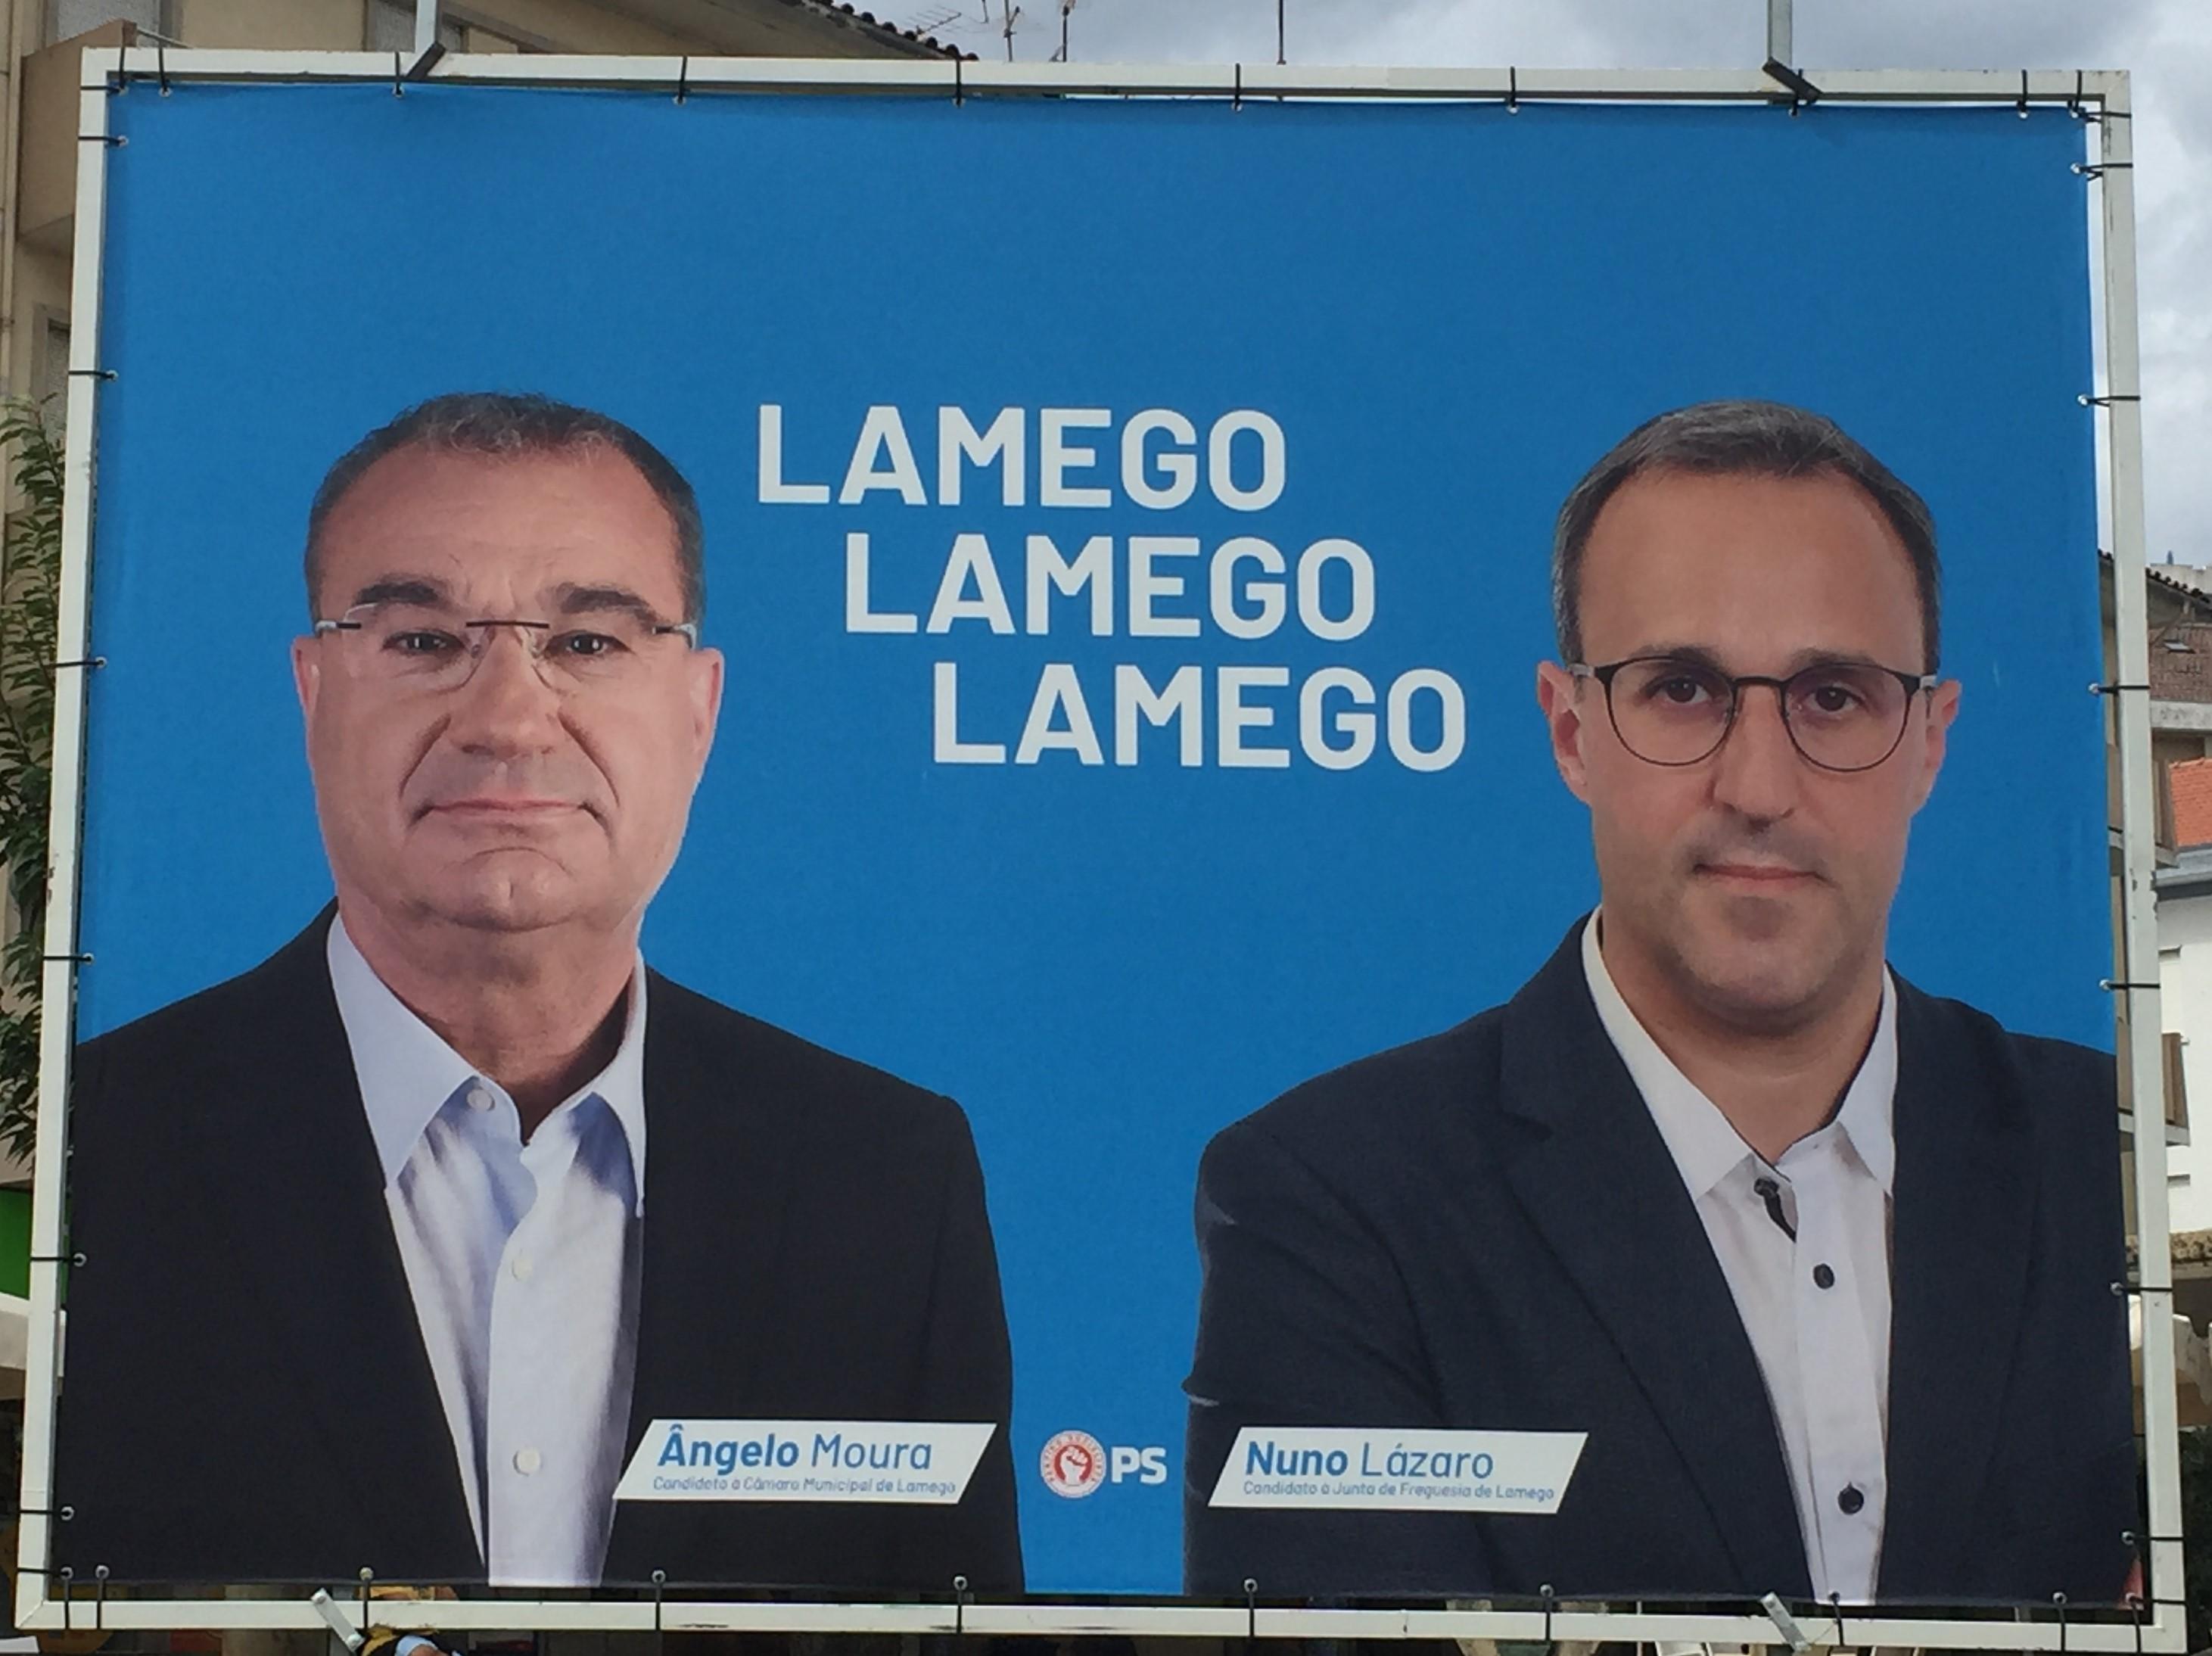 PS_2021_Lamego_lamego